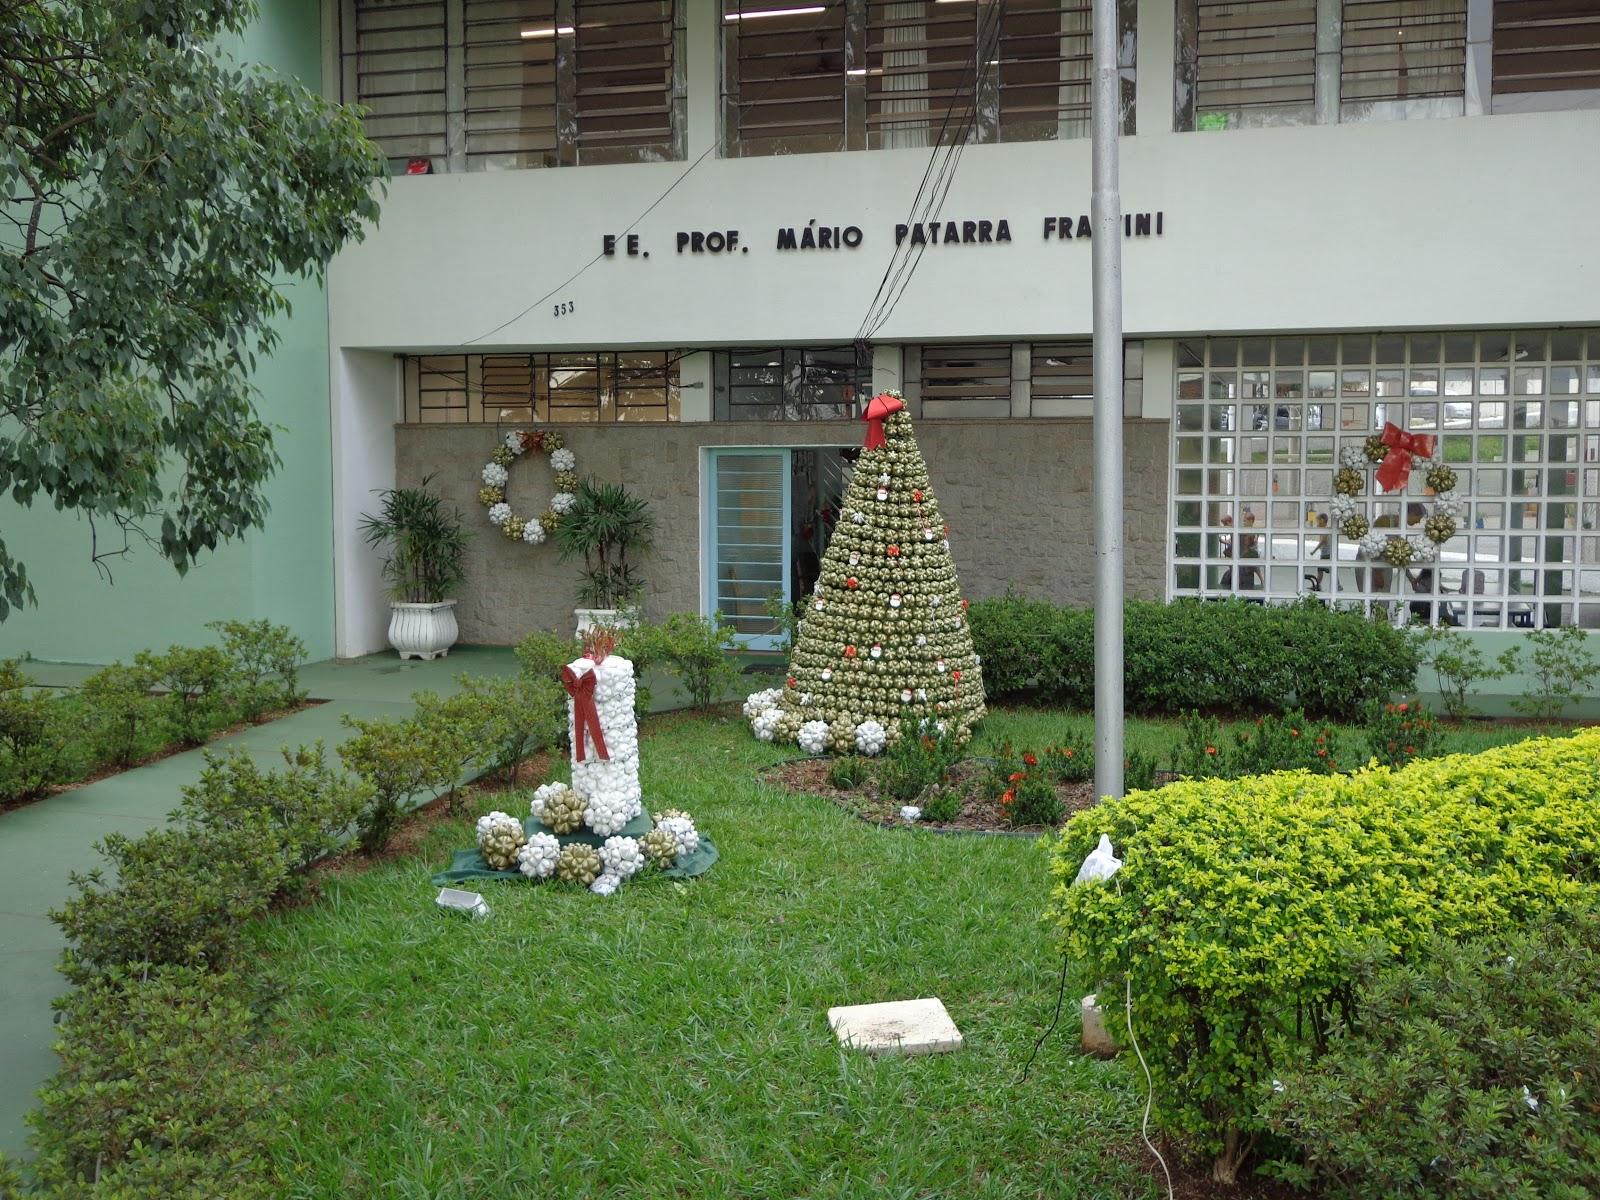 Escola Patarra DECORA u00c7ÃO DE NATAL -> Decoração De Natal Simples Escola